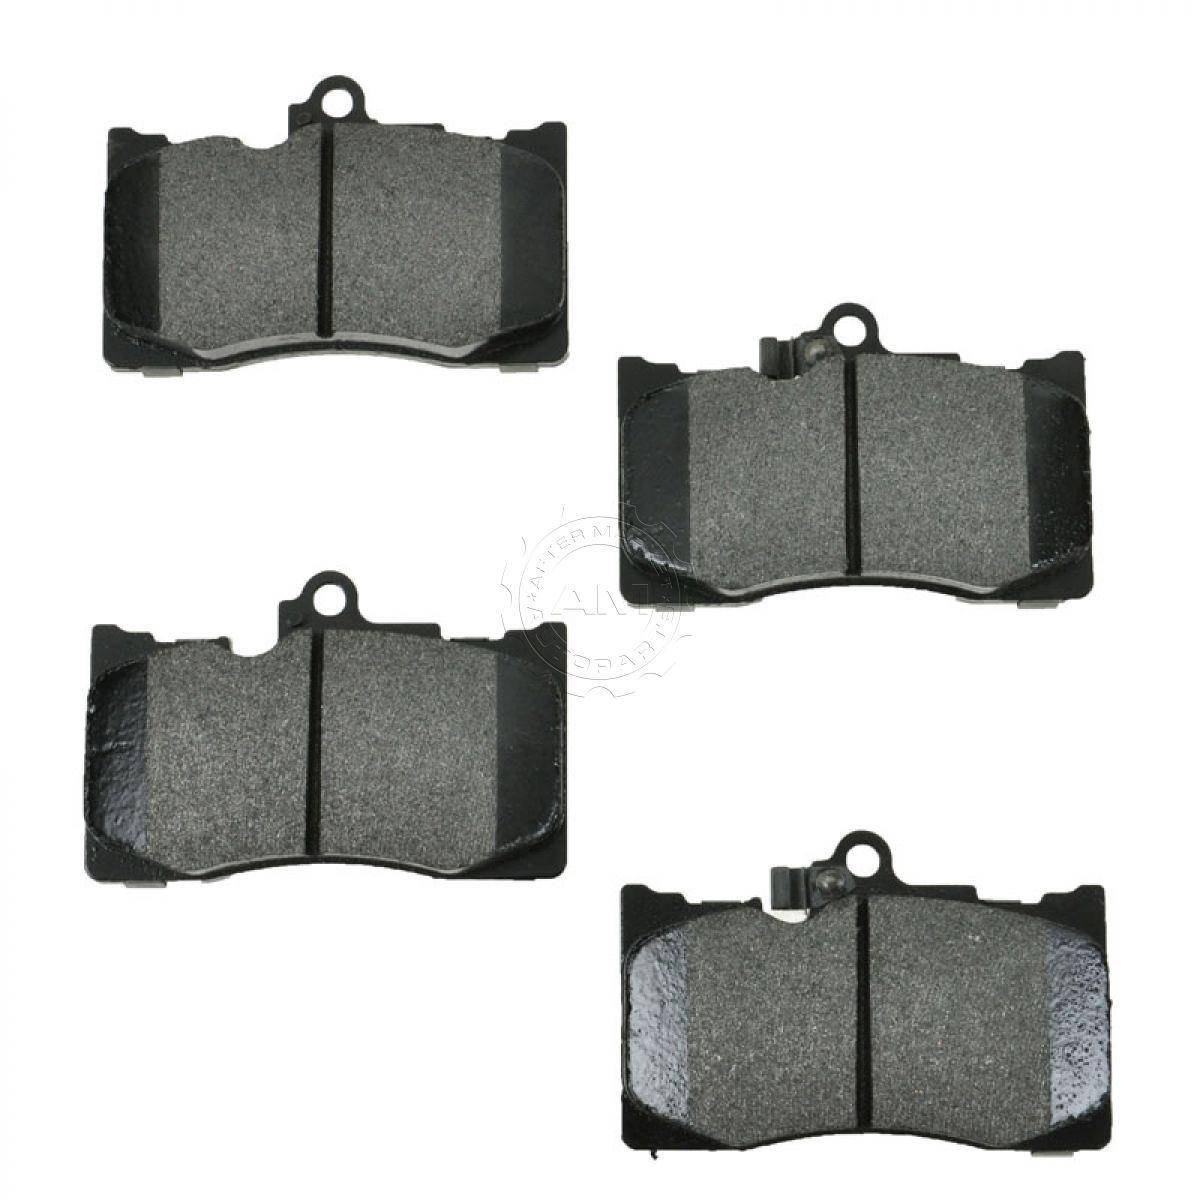 Lexus Brake Pads: Front Metallic Disc Brake Pads Set Kit For Lexus IS Series